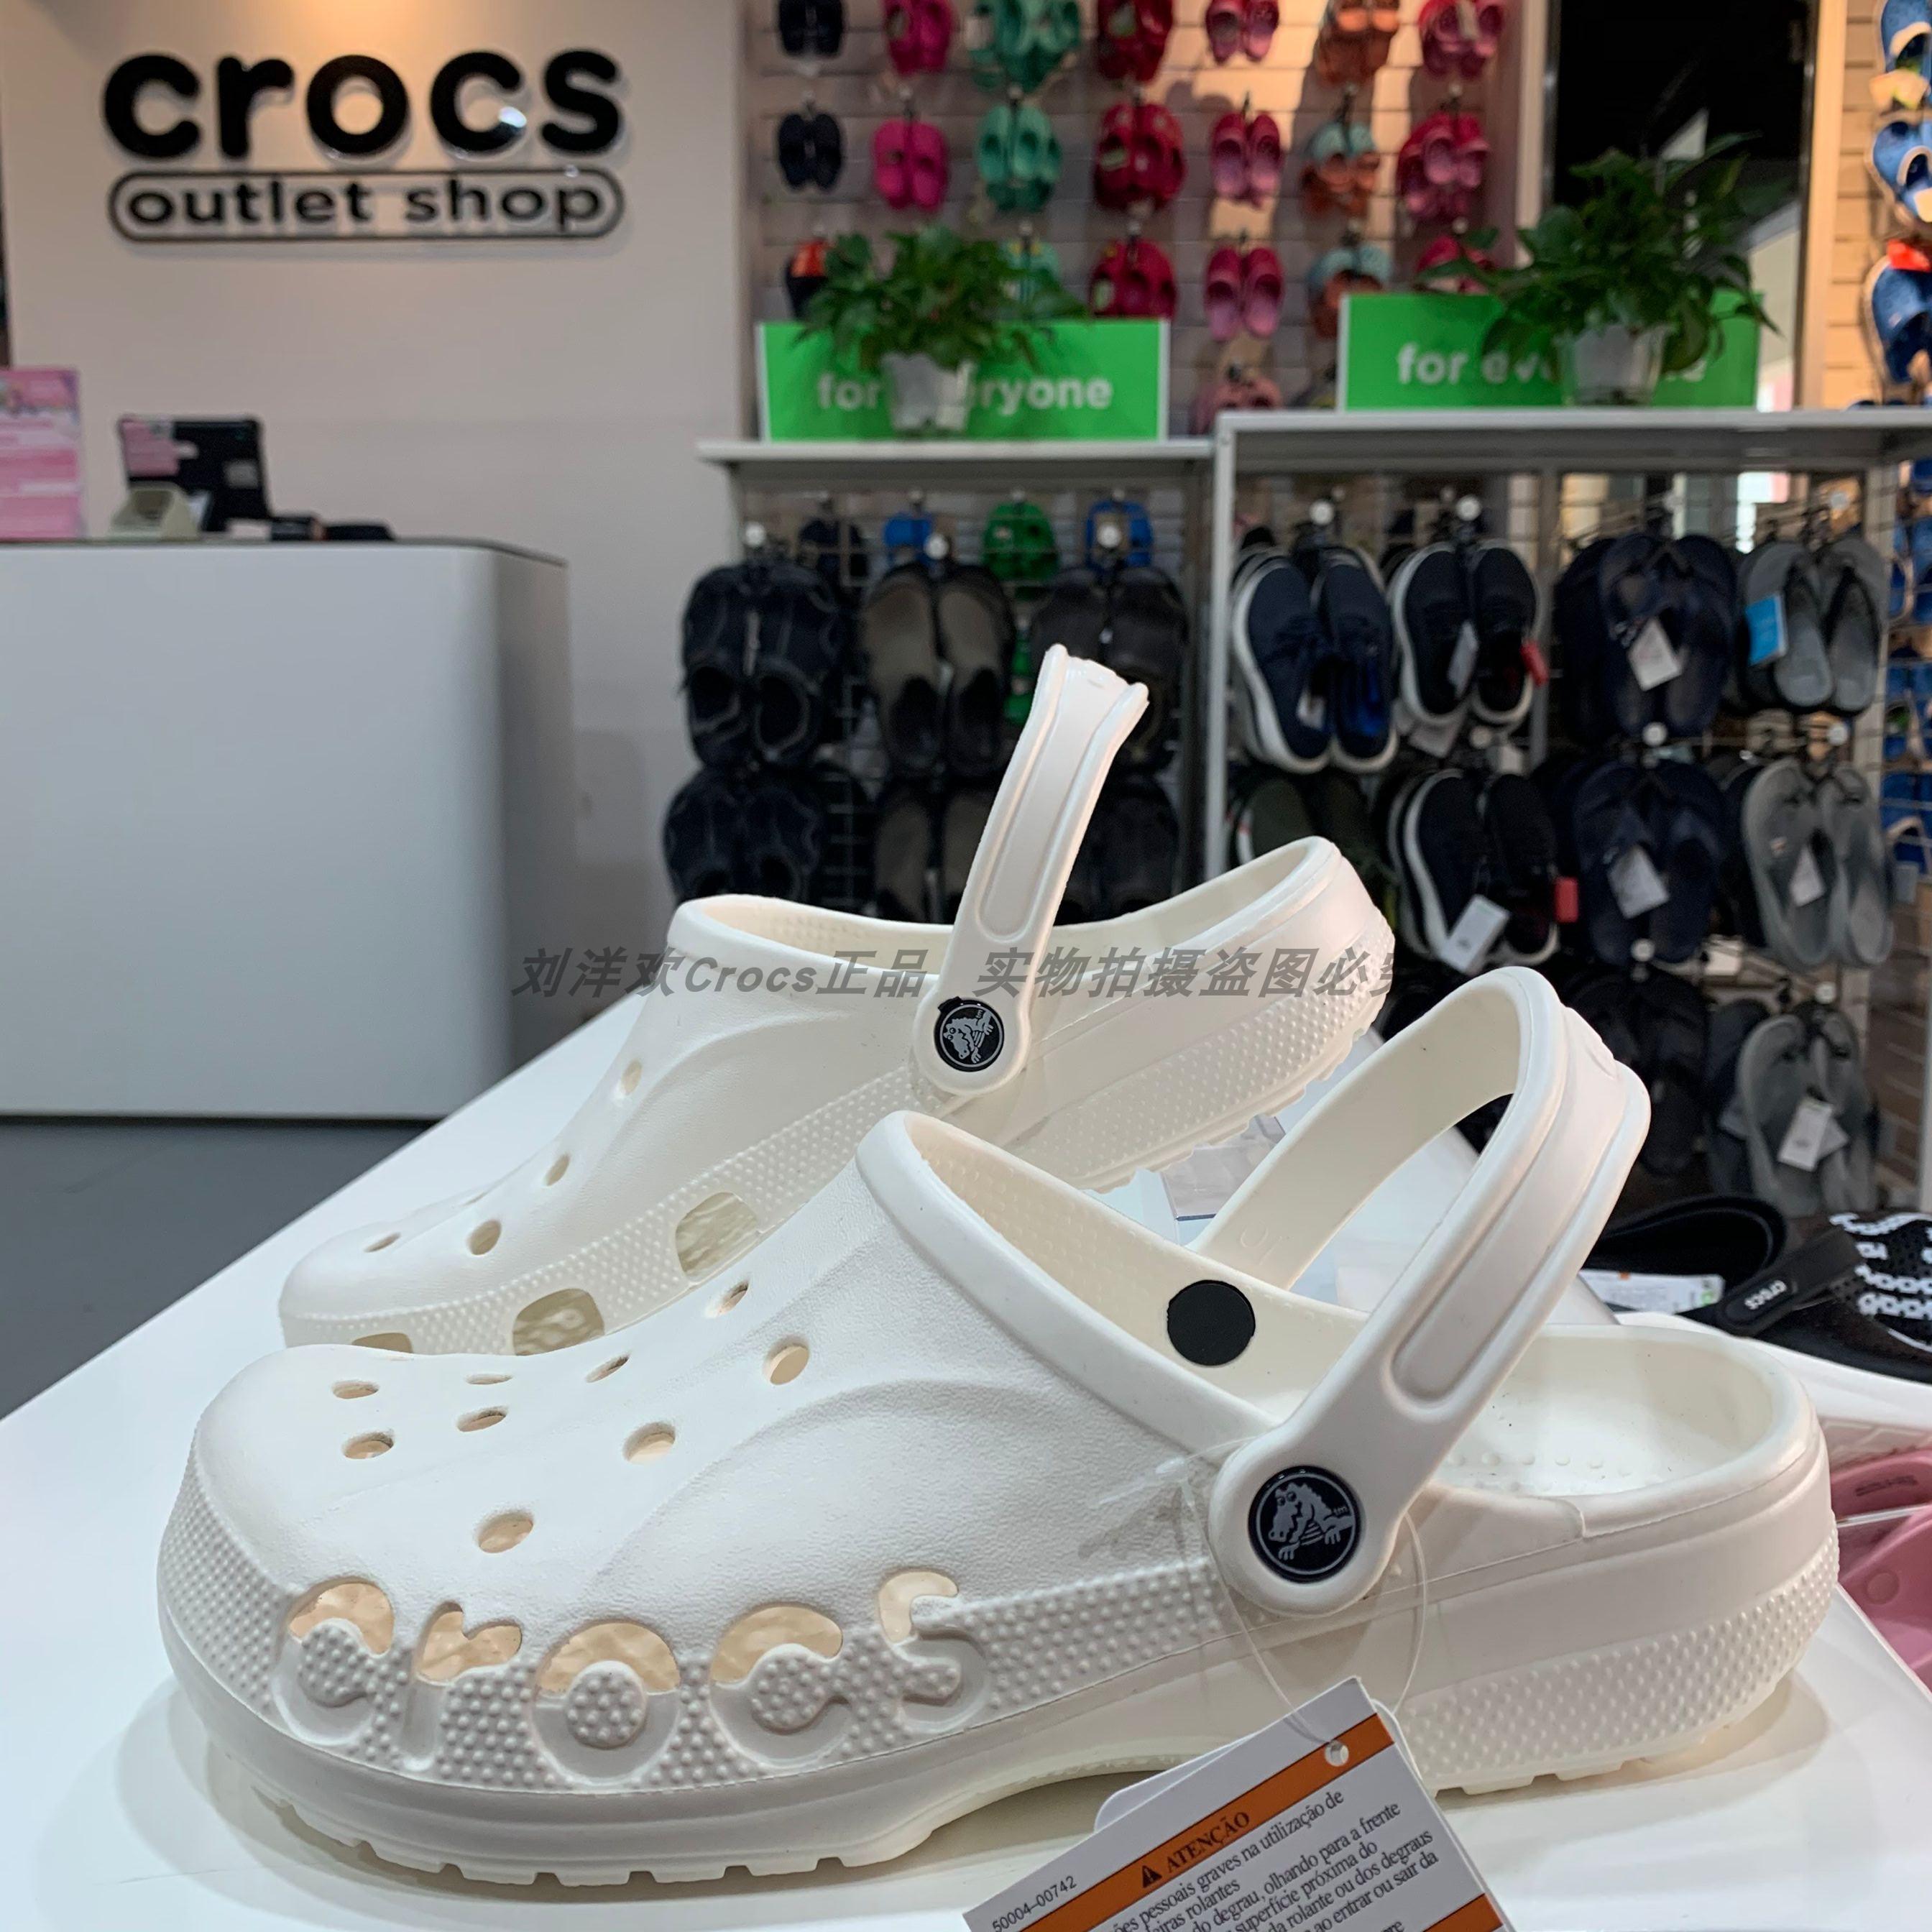 男鞋防滑凉鞋10126防滑拖鞋沙滩鞋Crocs洞洞鞋女鞋小白鞋休闲